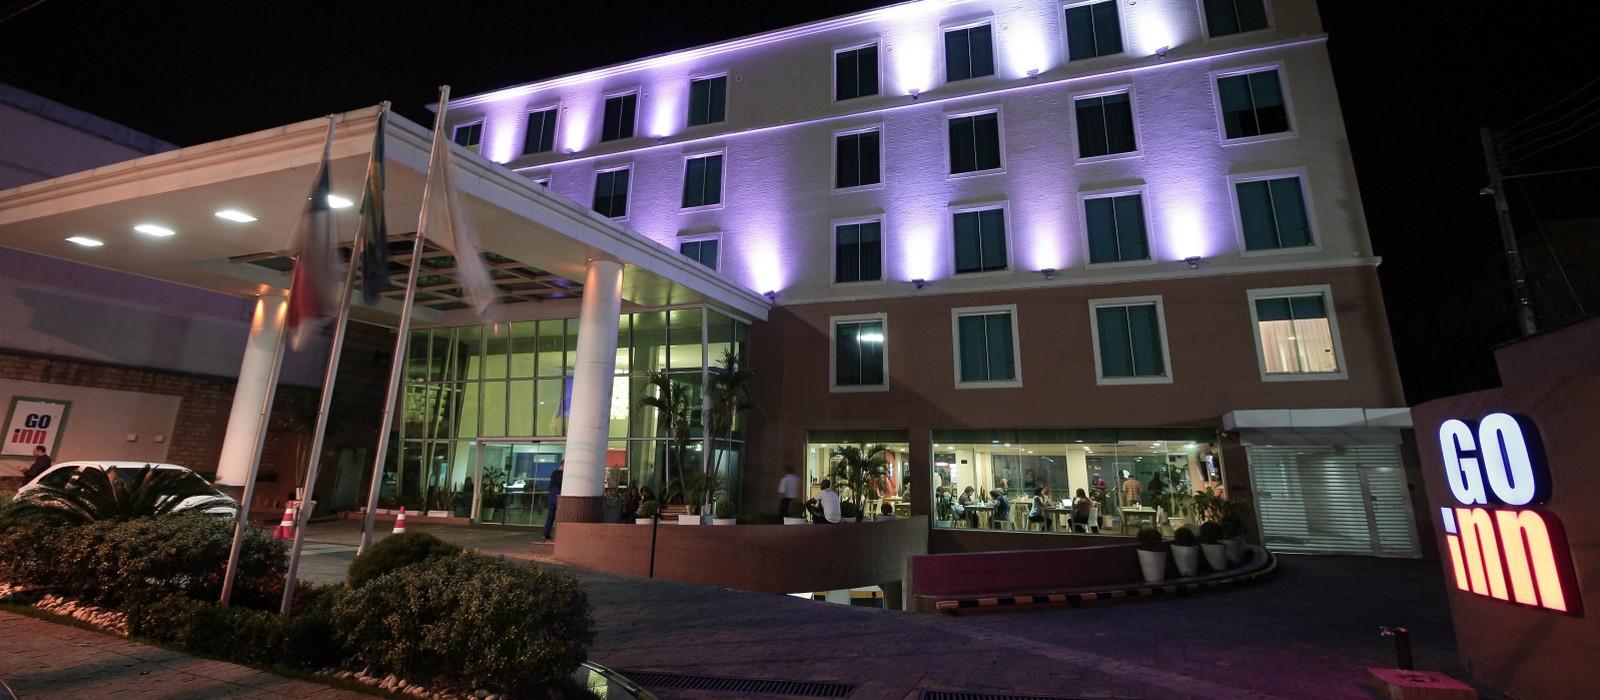 Hotel Go Inn Manaus Brasilien